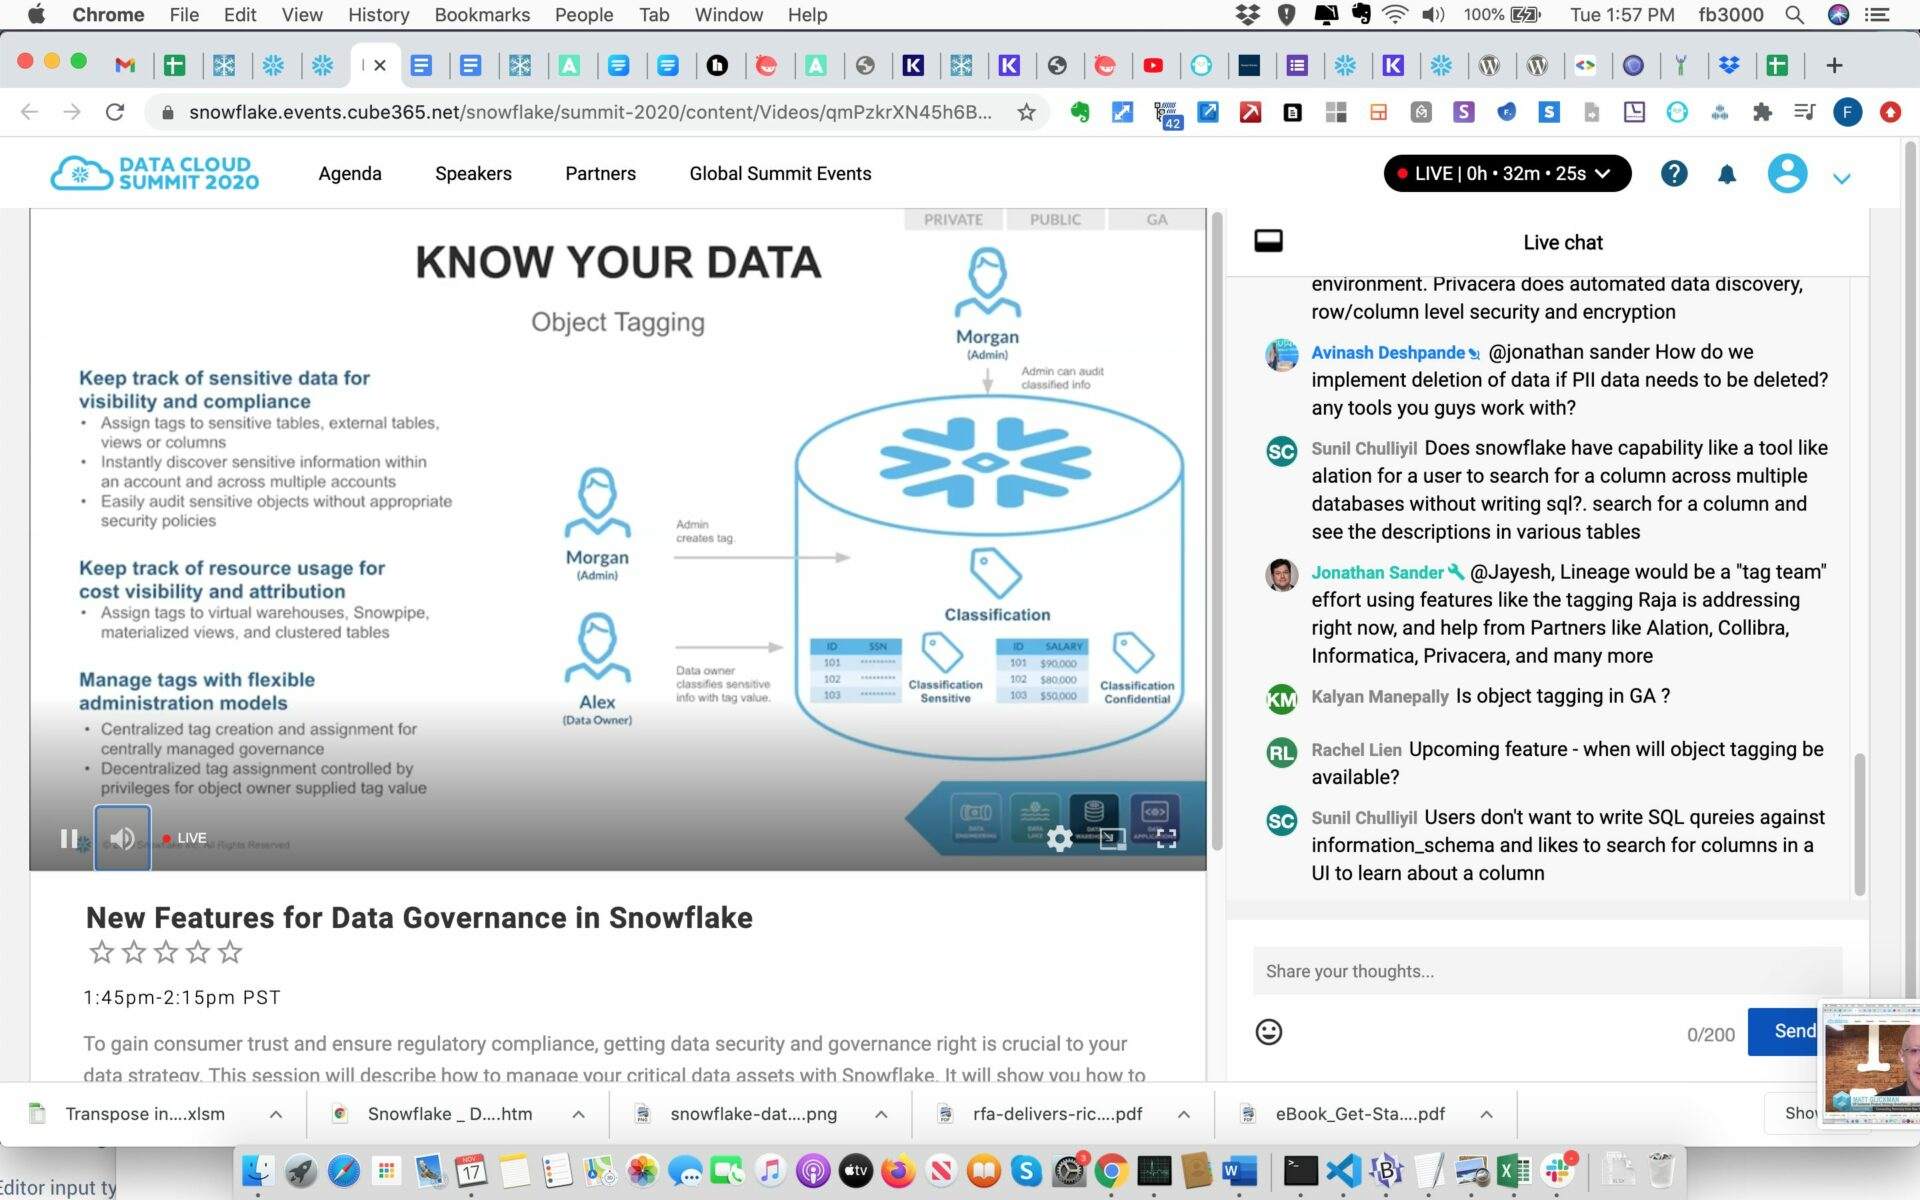 Data Governance Session